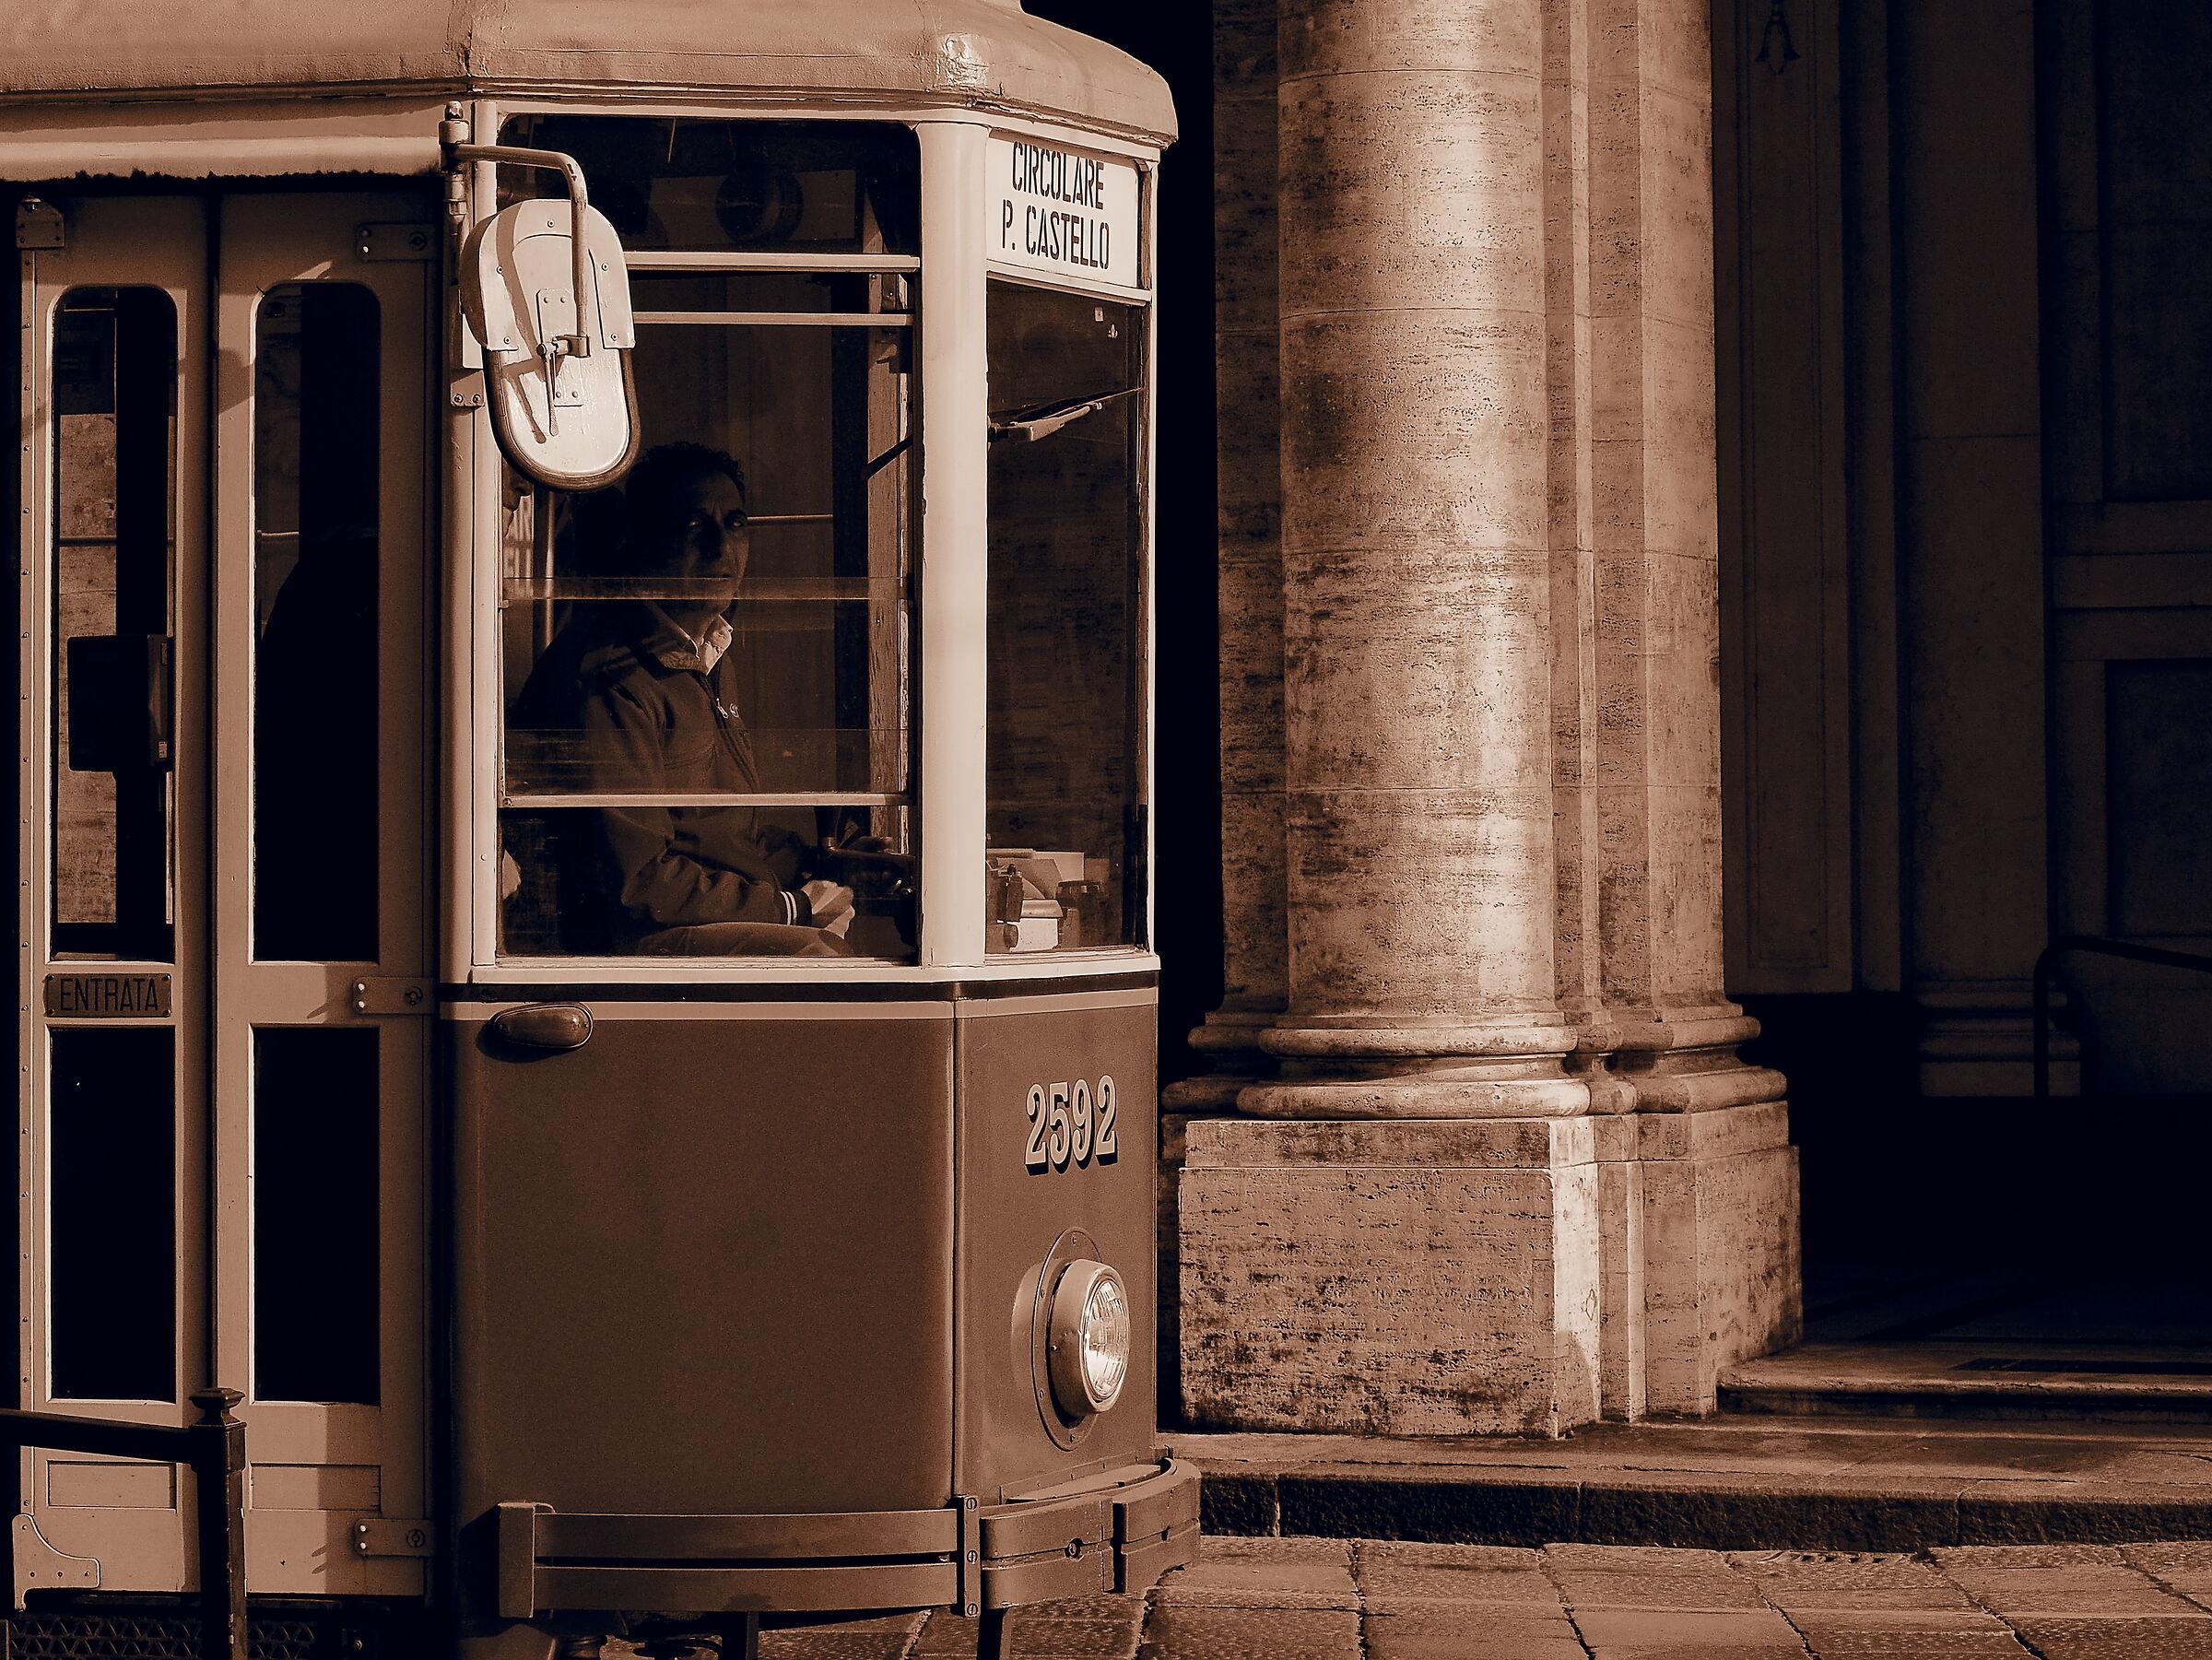 Walking through Turin...